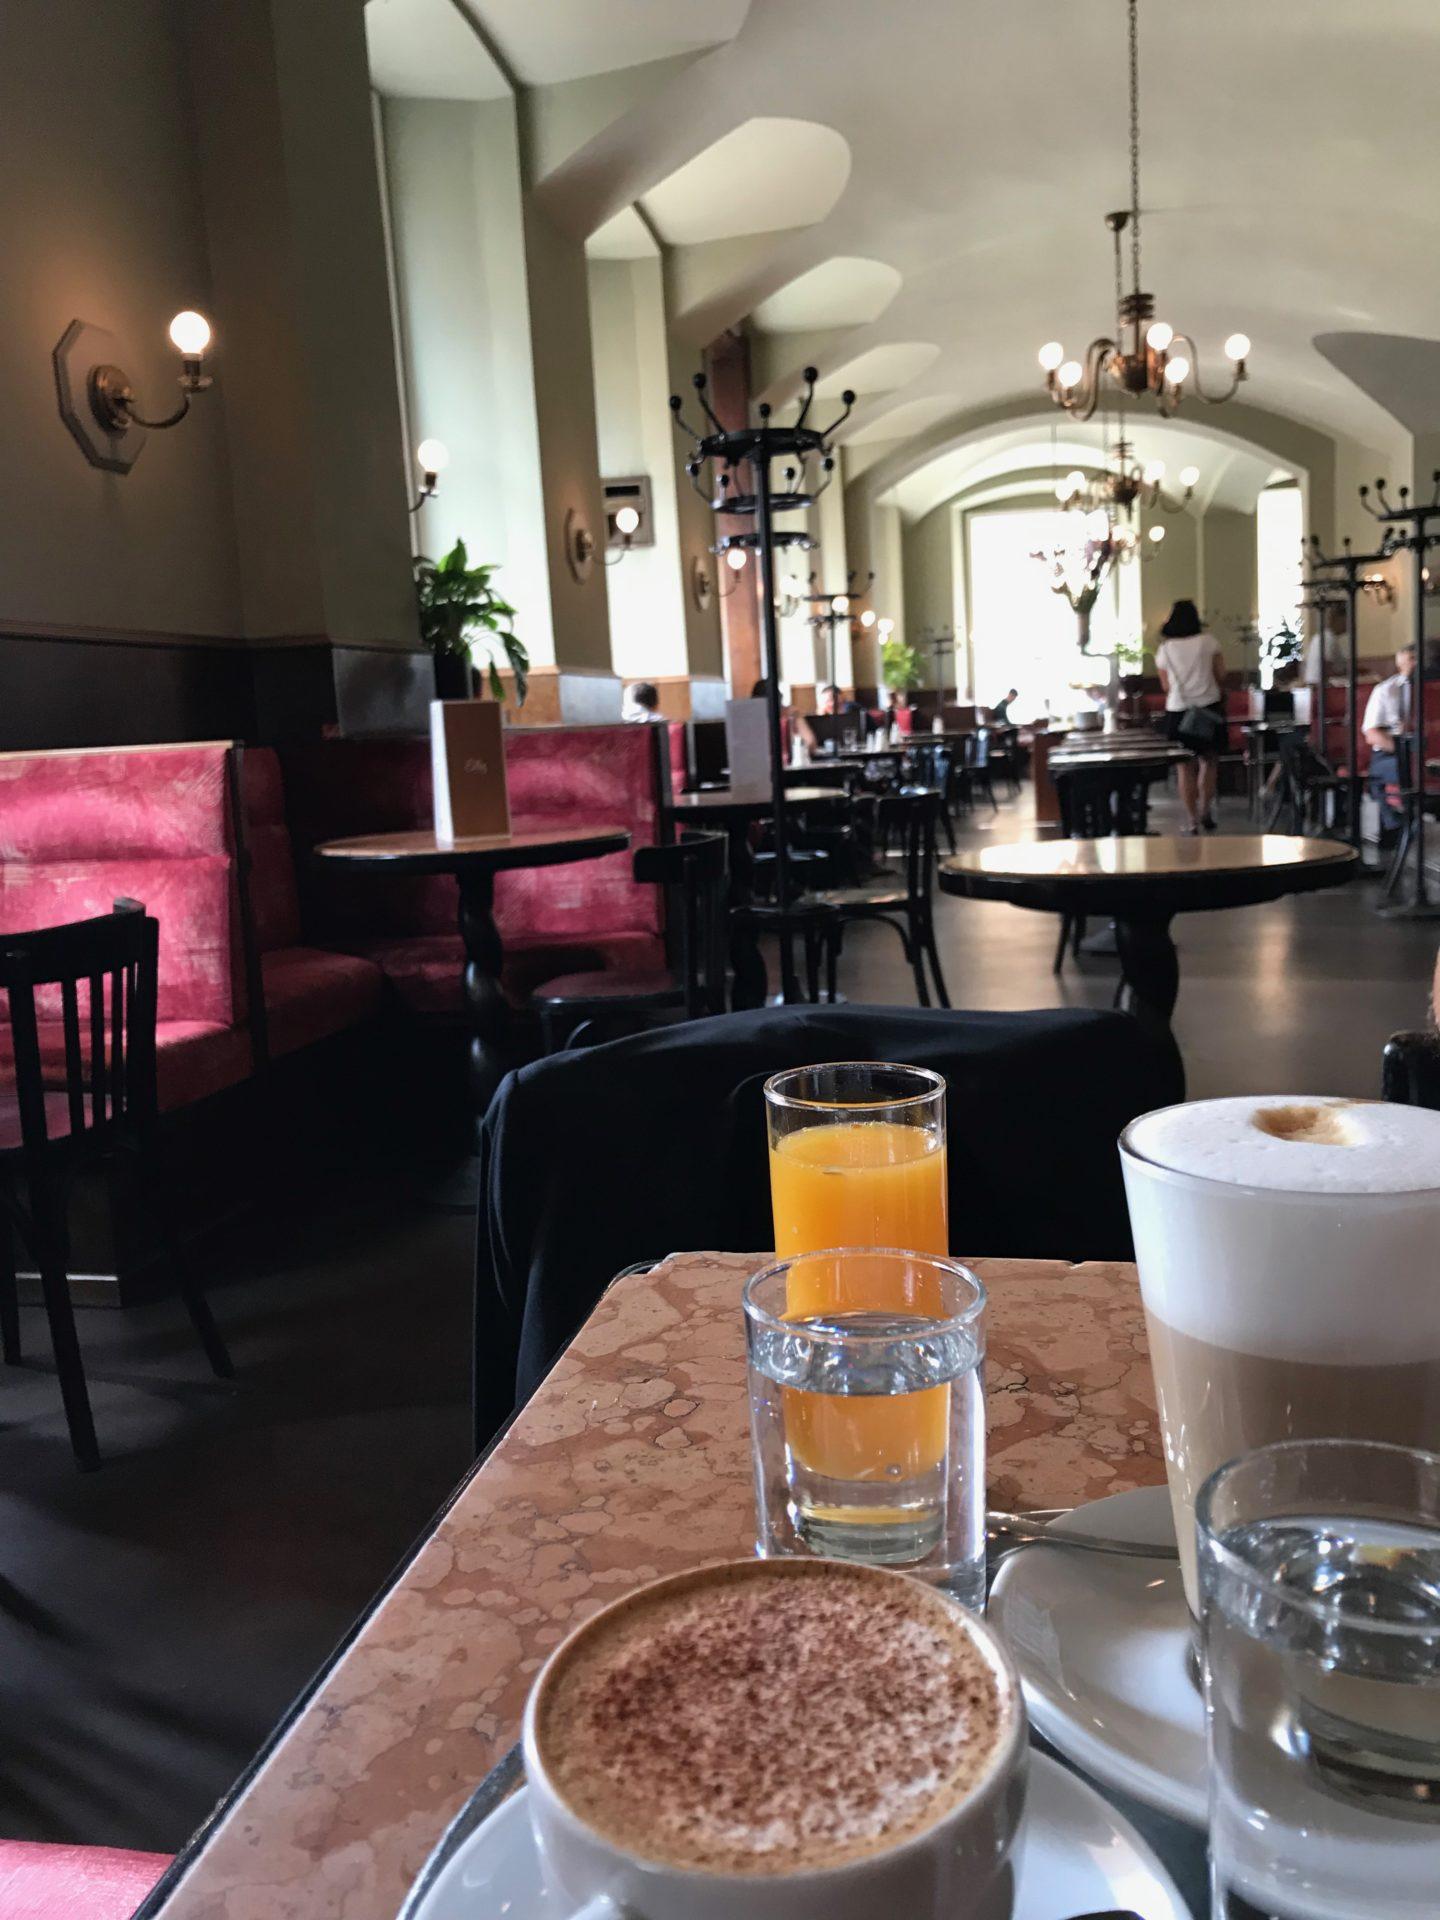 Cafe Eiles, Vienna, Austria